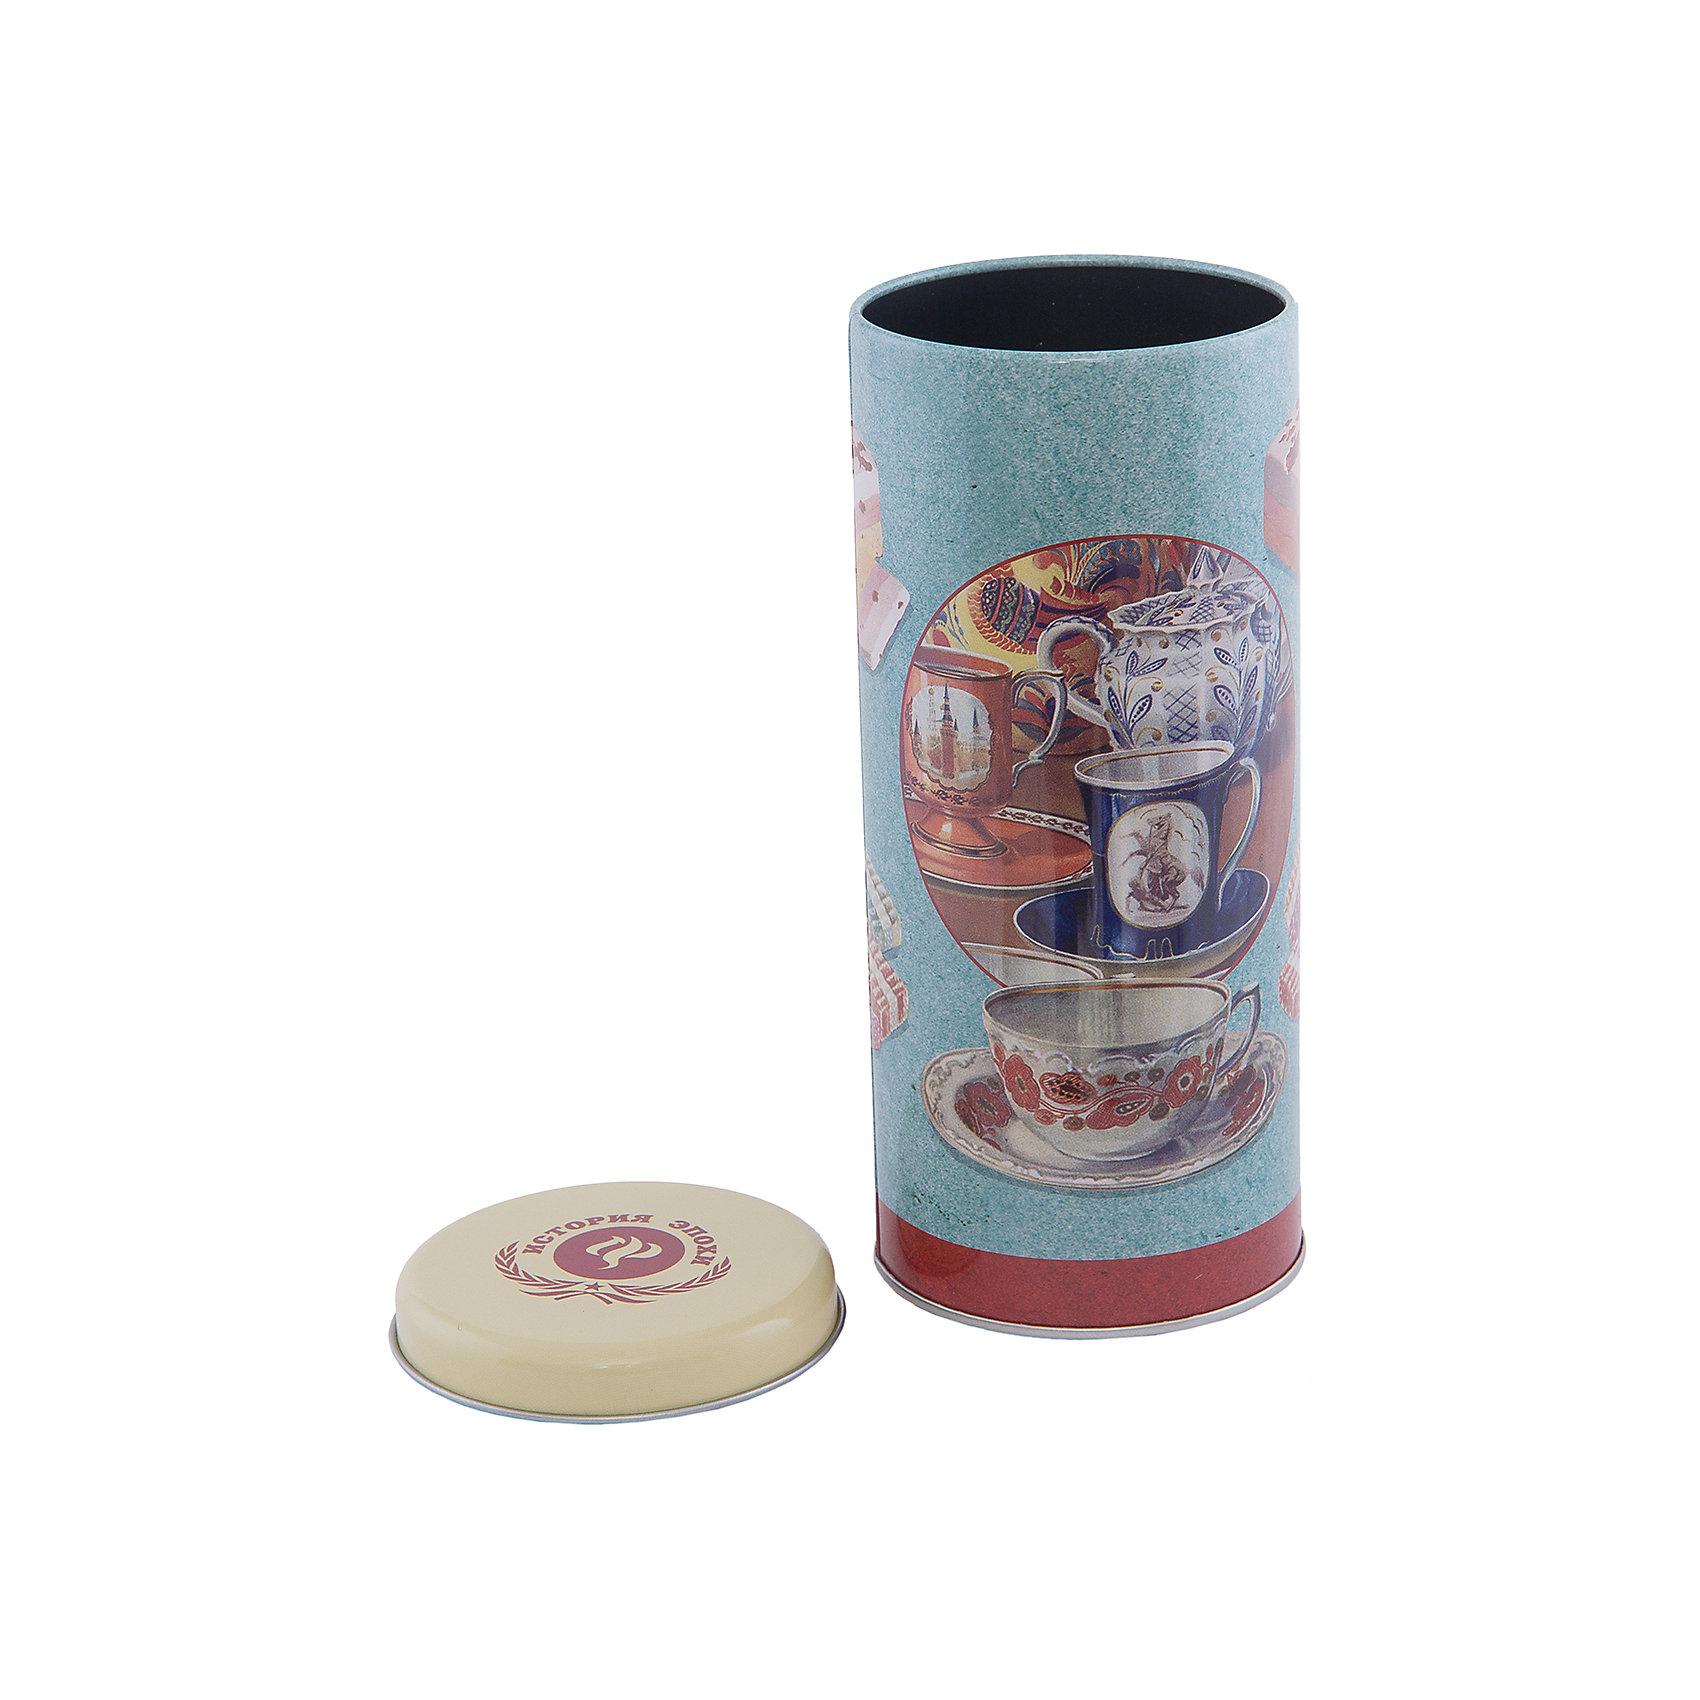 Емкость для сыпучих продуктов Чаепитие 800 млПосуда<br>Емкость для сыпучих продуктов Чаепитие изготовлена из металла и украшена рисунком с изображением печенья. Удобно закрывается крышкой во избежание появления неприятных запахов. В такой емкости удобно хранить чай, крупы, сахар и другие сыпучие предметы. Прекрасно впишется в интерьер кухни!<br><br>Дополнительная информация:<br>Материал: металл<br>Объем: 800 мл<br>Размер: 7,5х7,5х17,5 см<br>Вес: 90 грамм<br><br>Емкость для сыпучих продуктов Чаепитие можно купить в нашем интернет-магазине.<br><br>Ширина мм: 560<br>Глубина мм: 340<br>Высота мм: 480<br>Вес г: 101<br>Возраст от месяцев: 84<br>Возраст до месяцев: 216<br>Пол: Унисекс<br>Возраст: Детский<br>SKU: 4957996